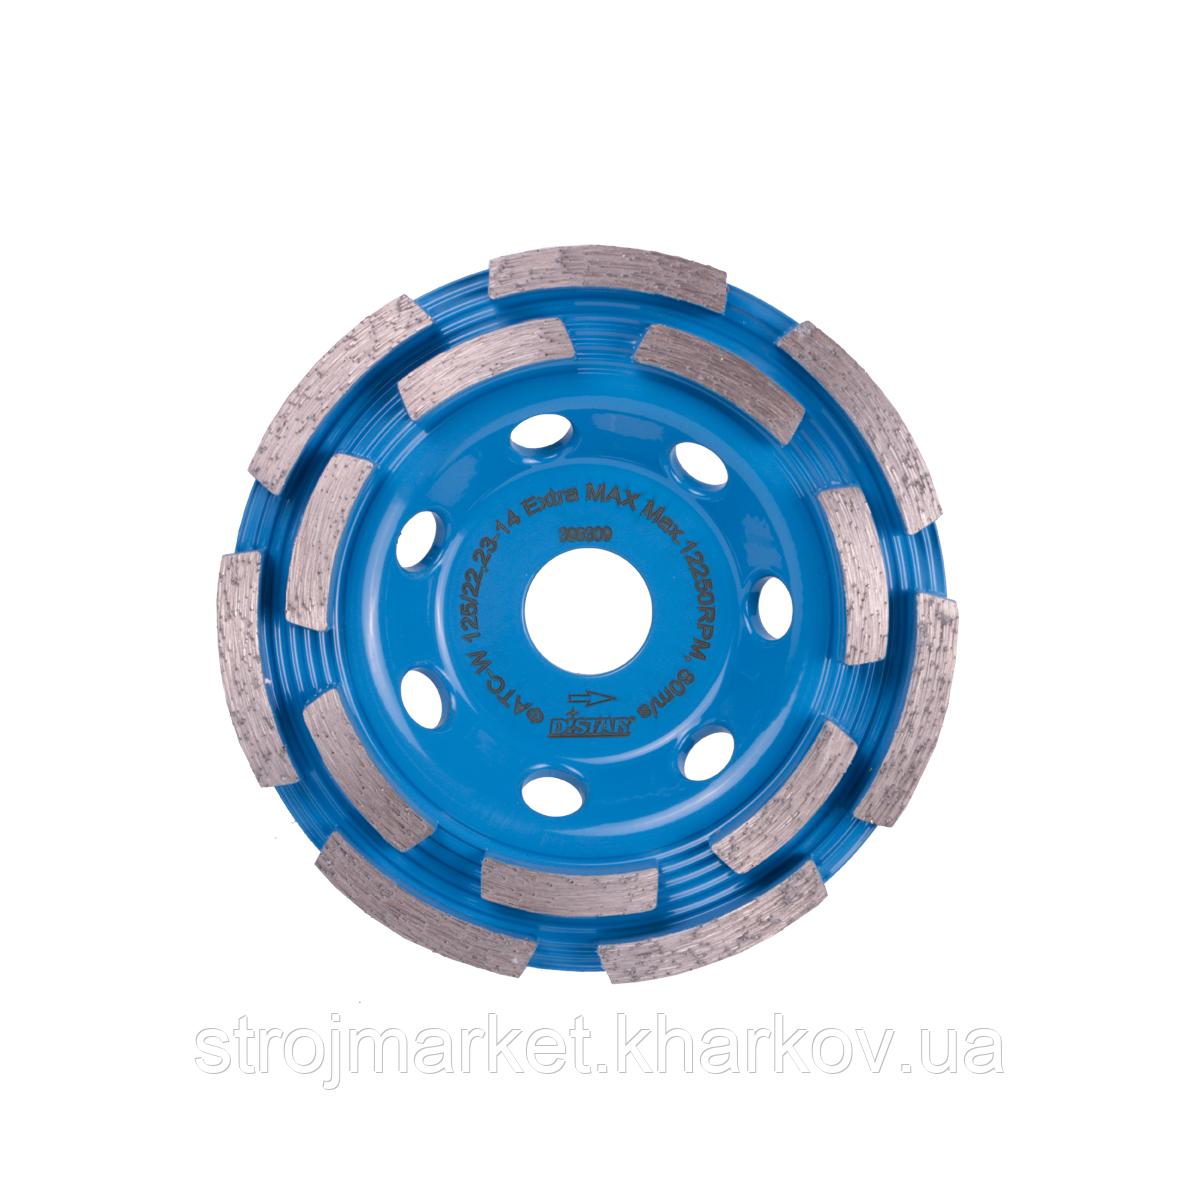 Алмазная торцевая фреза EXTRA MAX 125мм  DISTAR